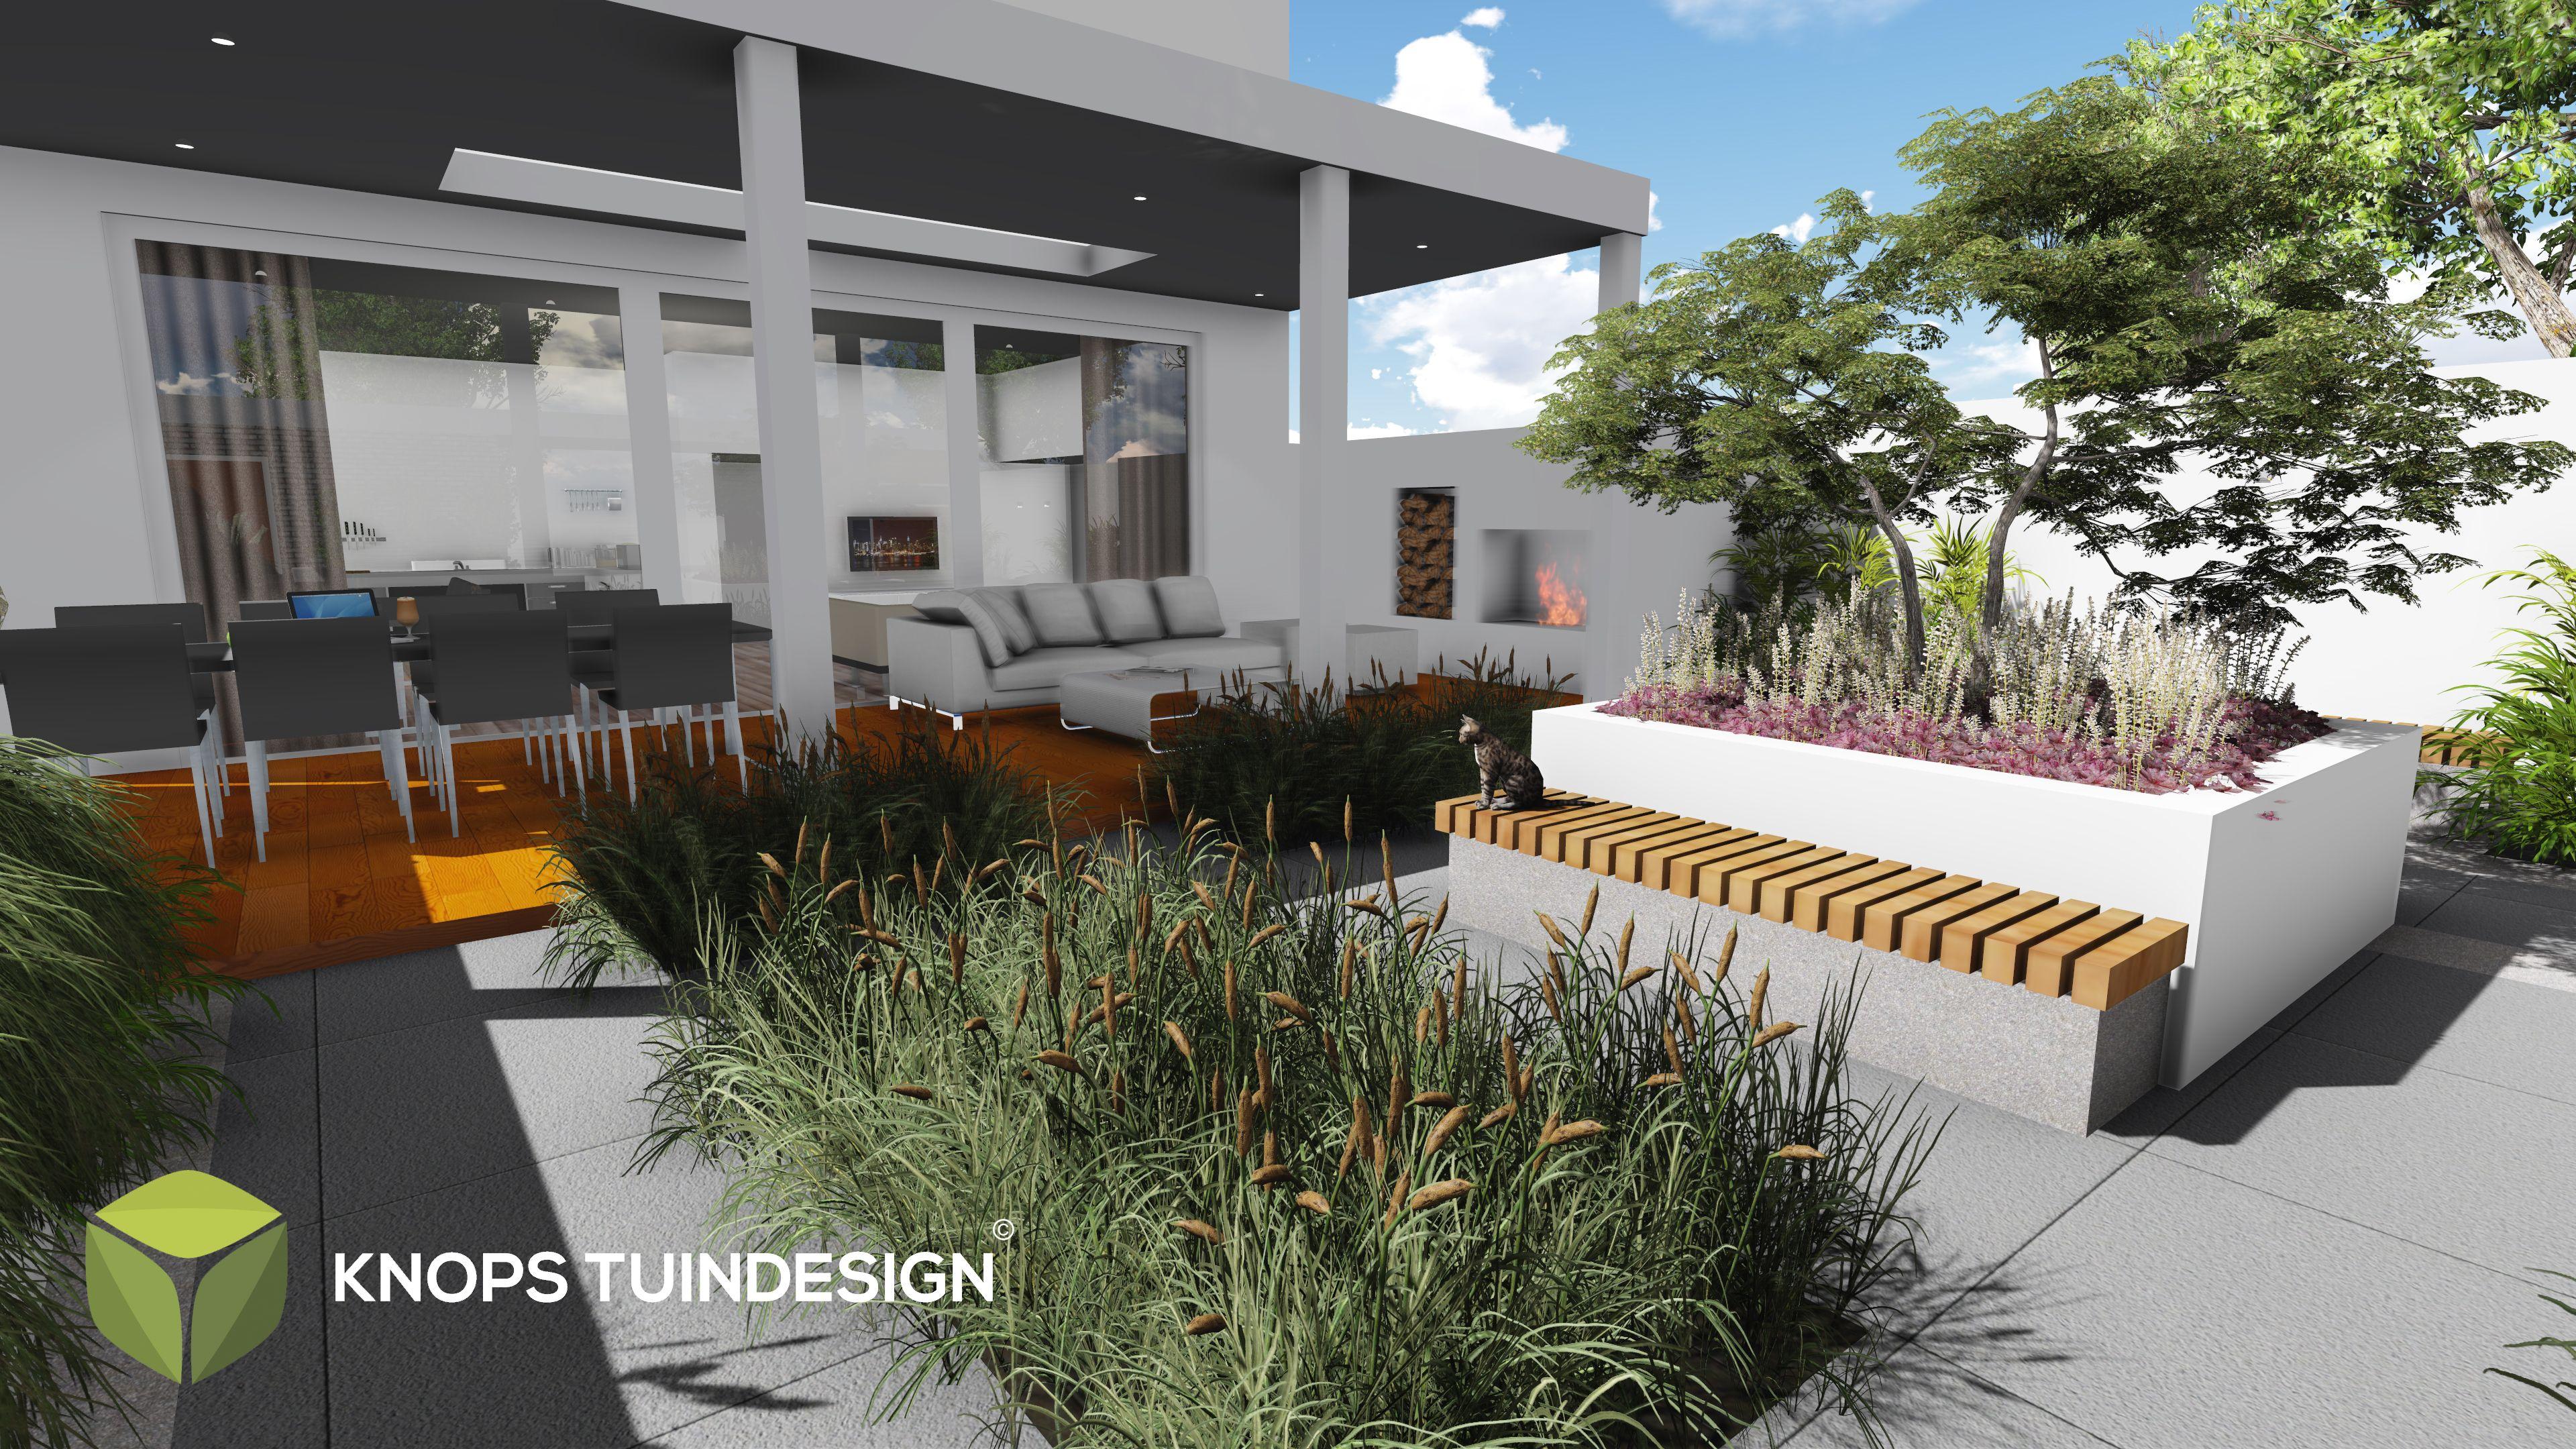 Stadstuin modern tuinarchitect knops tuindesign erik knops for Tuinontwerp stadstuin